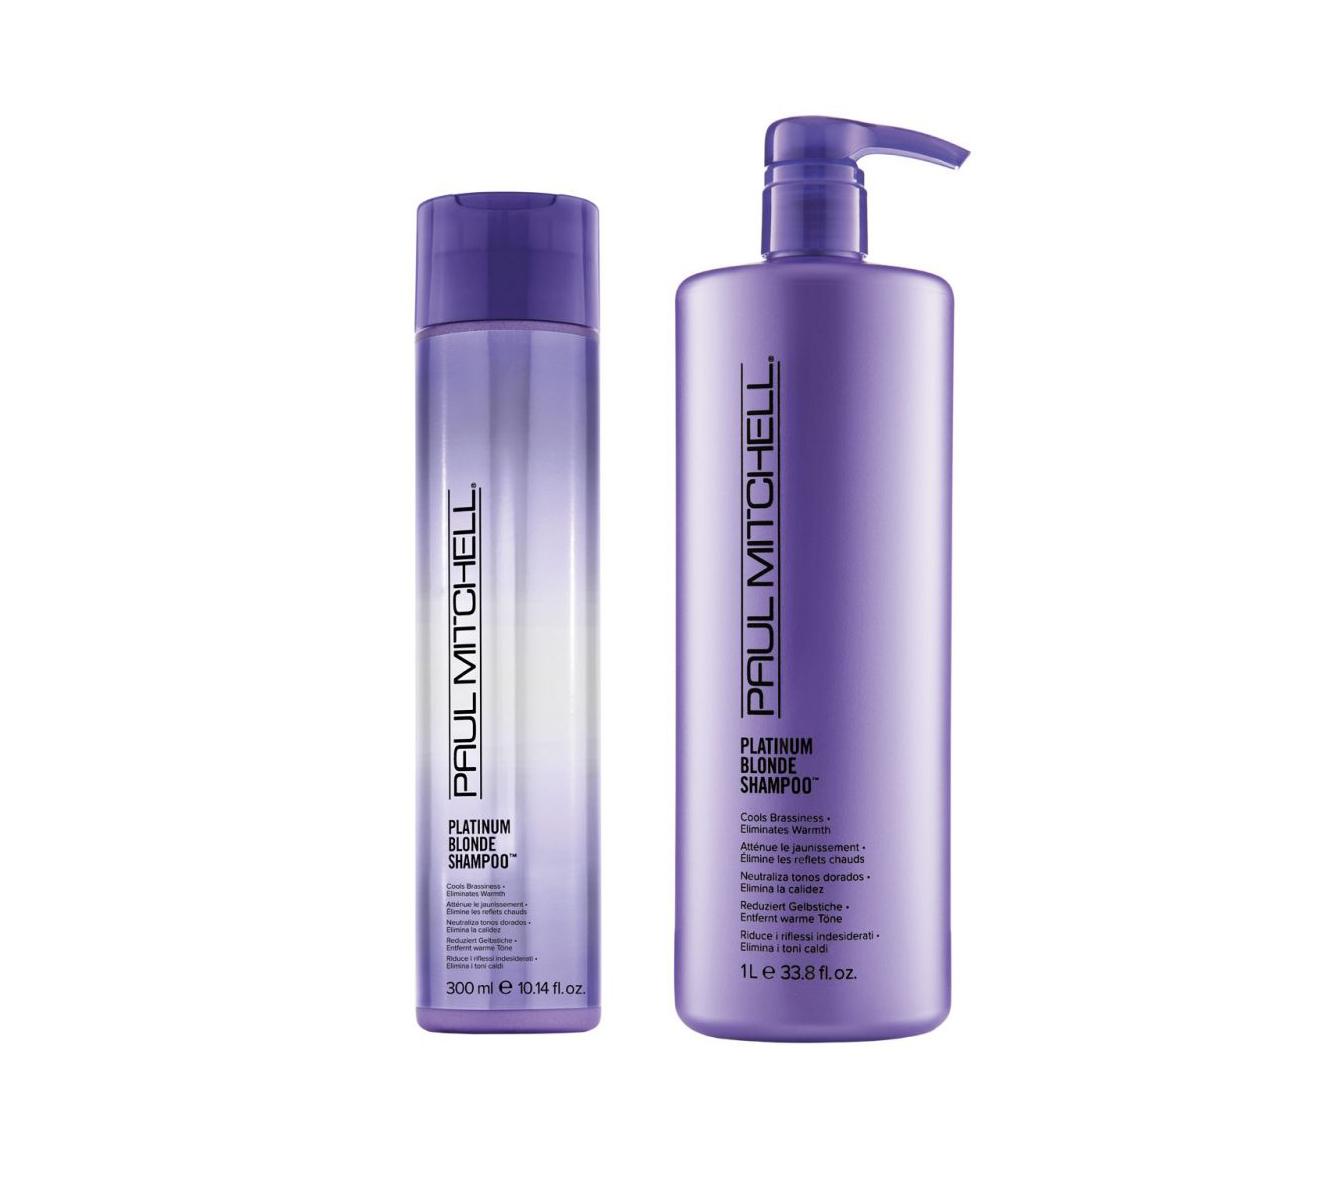 Paul Mitchell Platinum Blonde Shampoo - šampón pre blond a šedivé vlasy